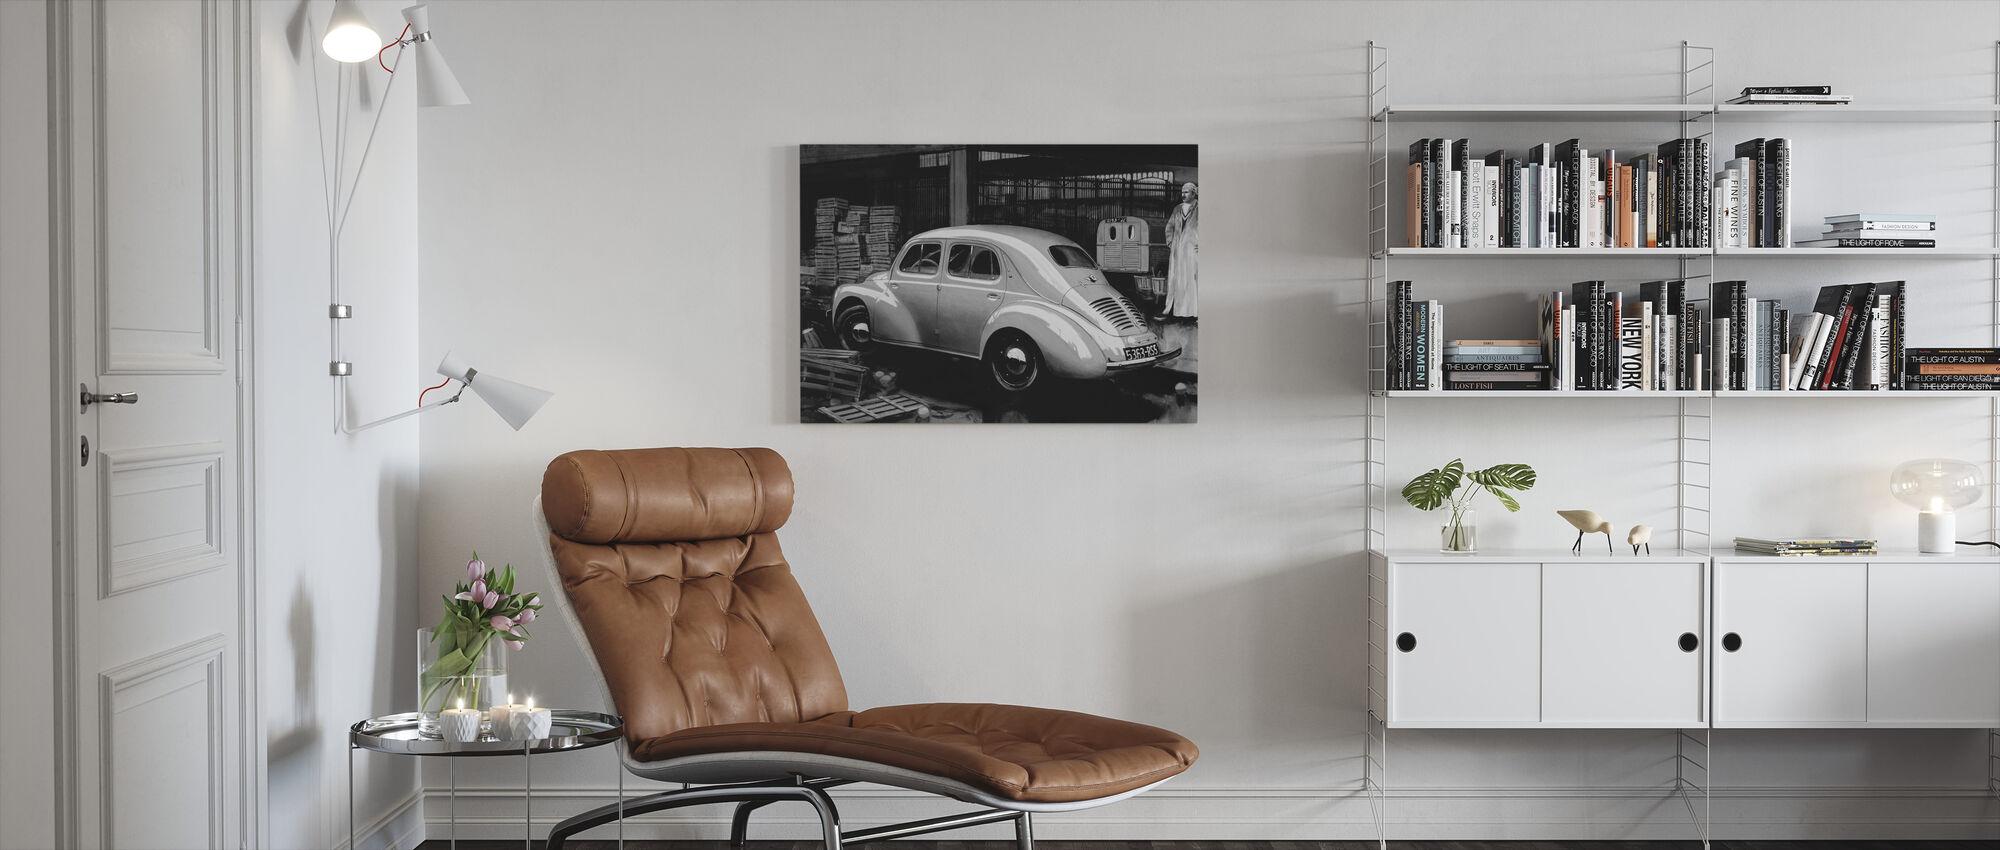 Klasyczny samochód BW - Obraz na płótnie - Pokój dzienny